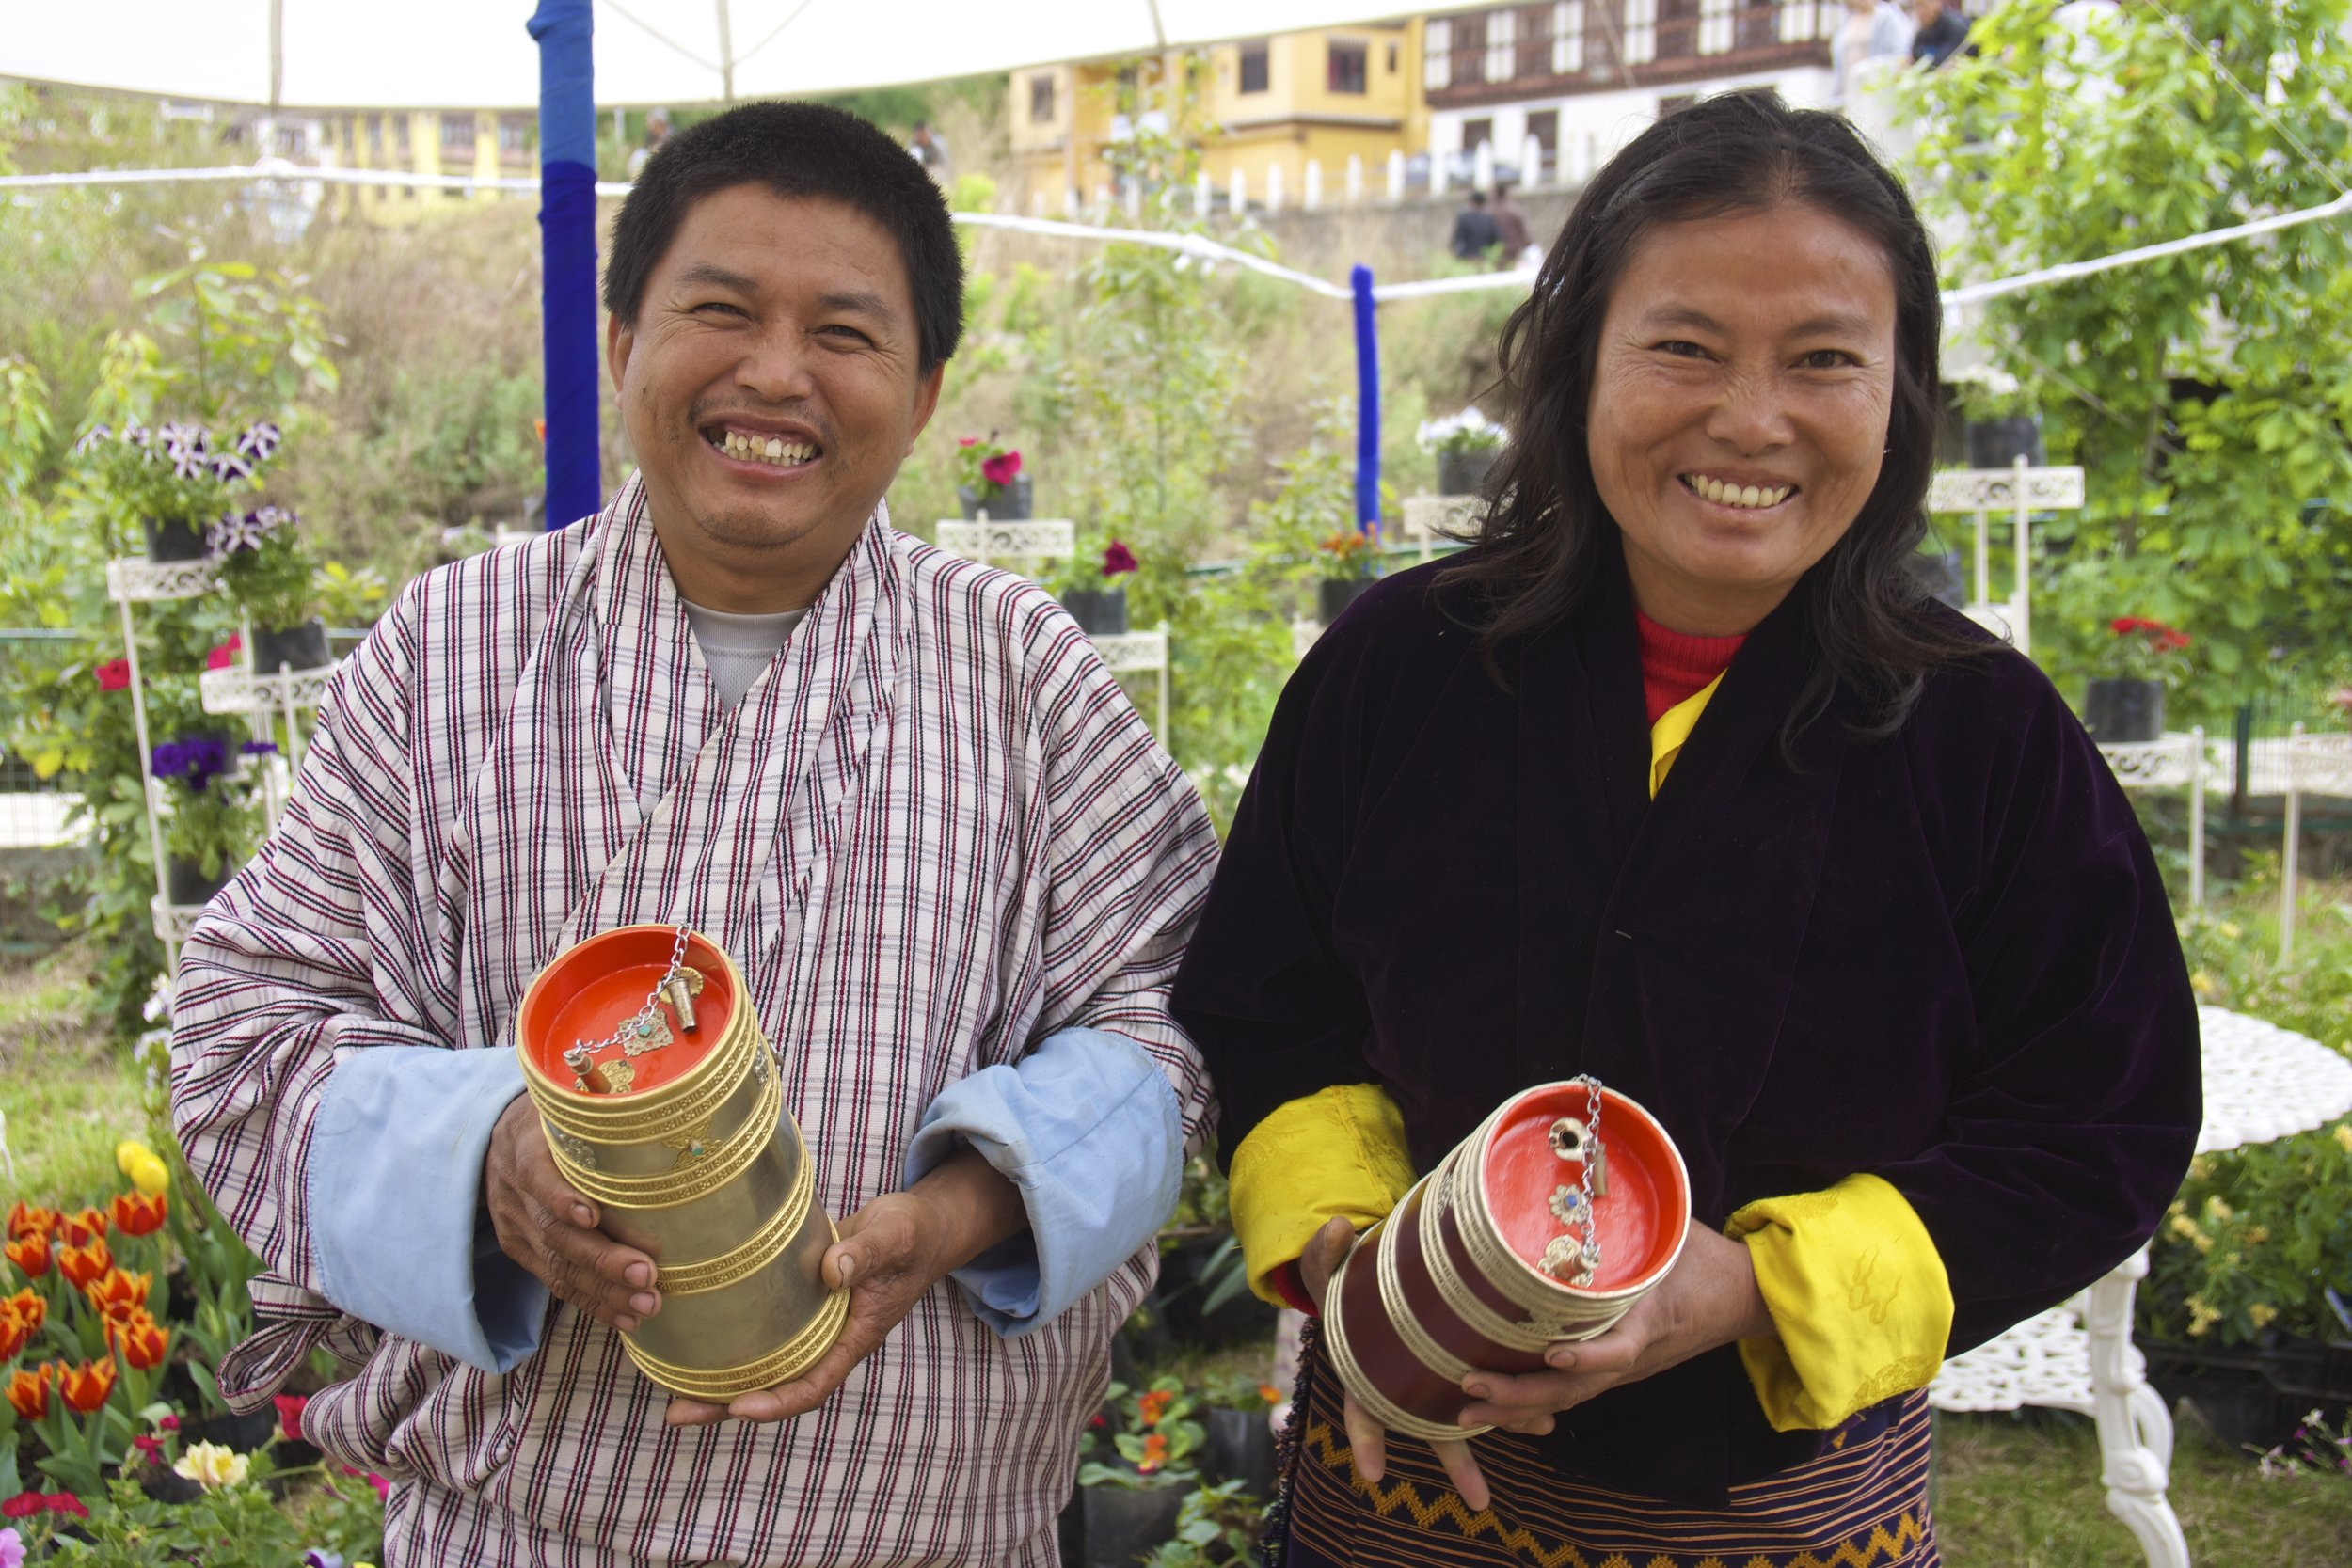 Sangay Tsewang and Tsering Yangzom from Mongar holding ara containers.